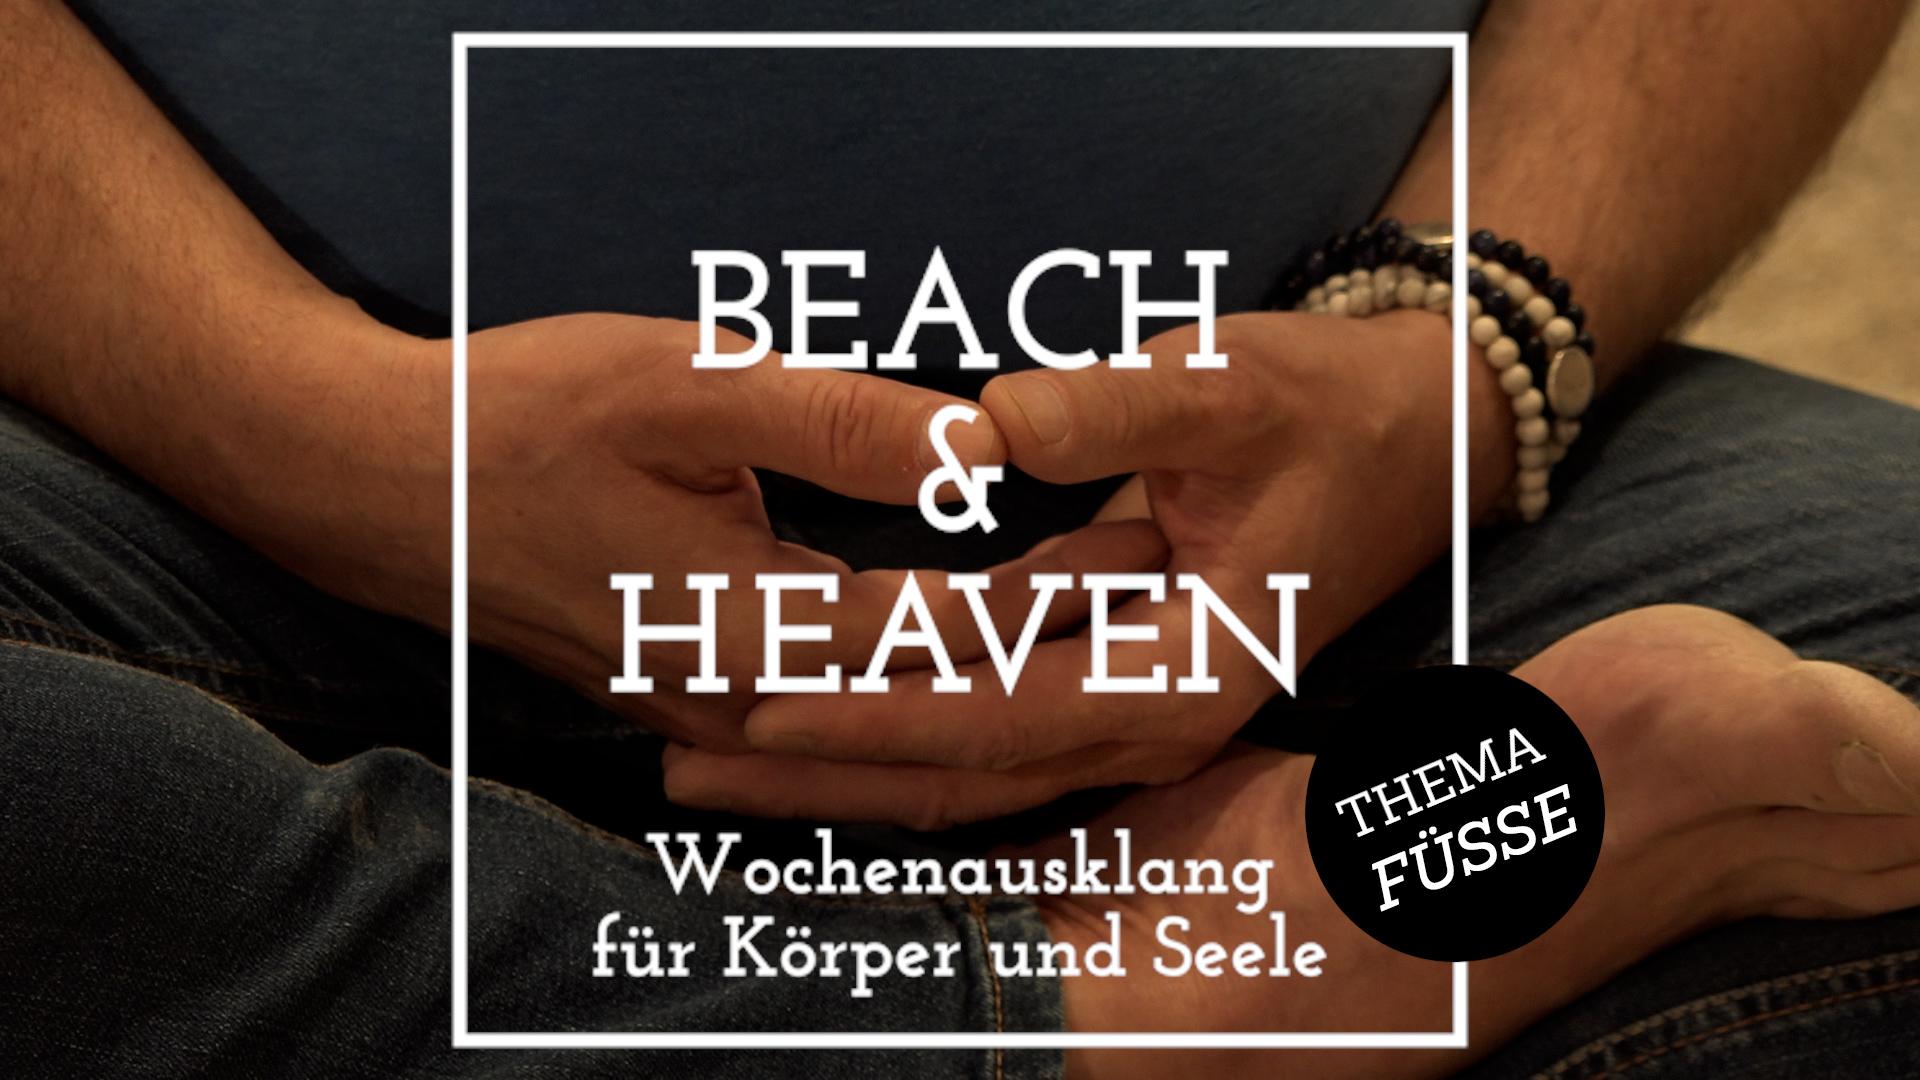 Beach & Heaven – Erleben Sie den Wochenausklang für Körper und Seele per Video: Thema Füße